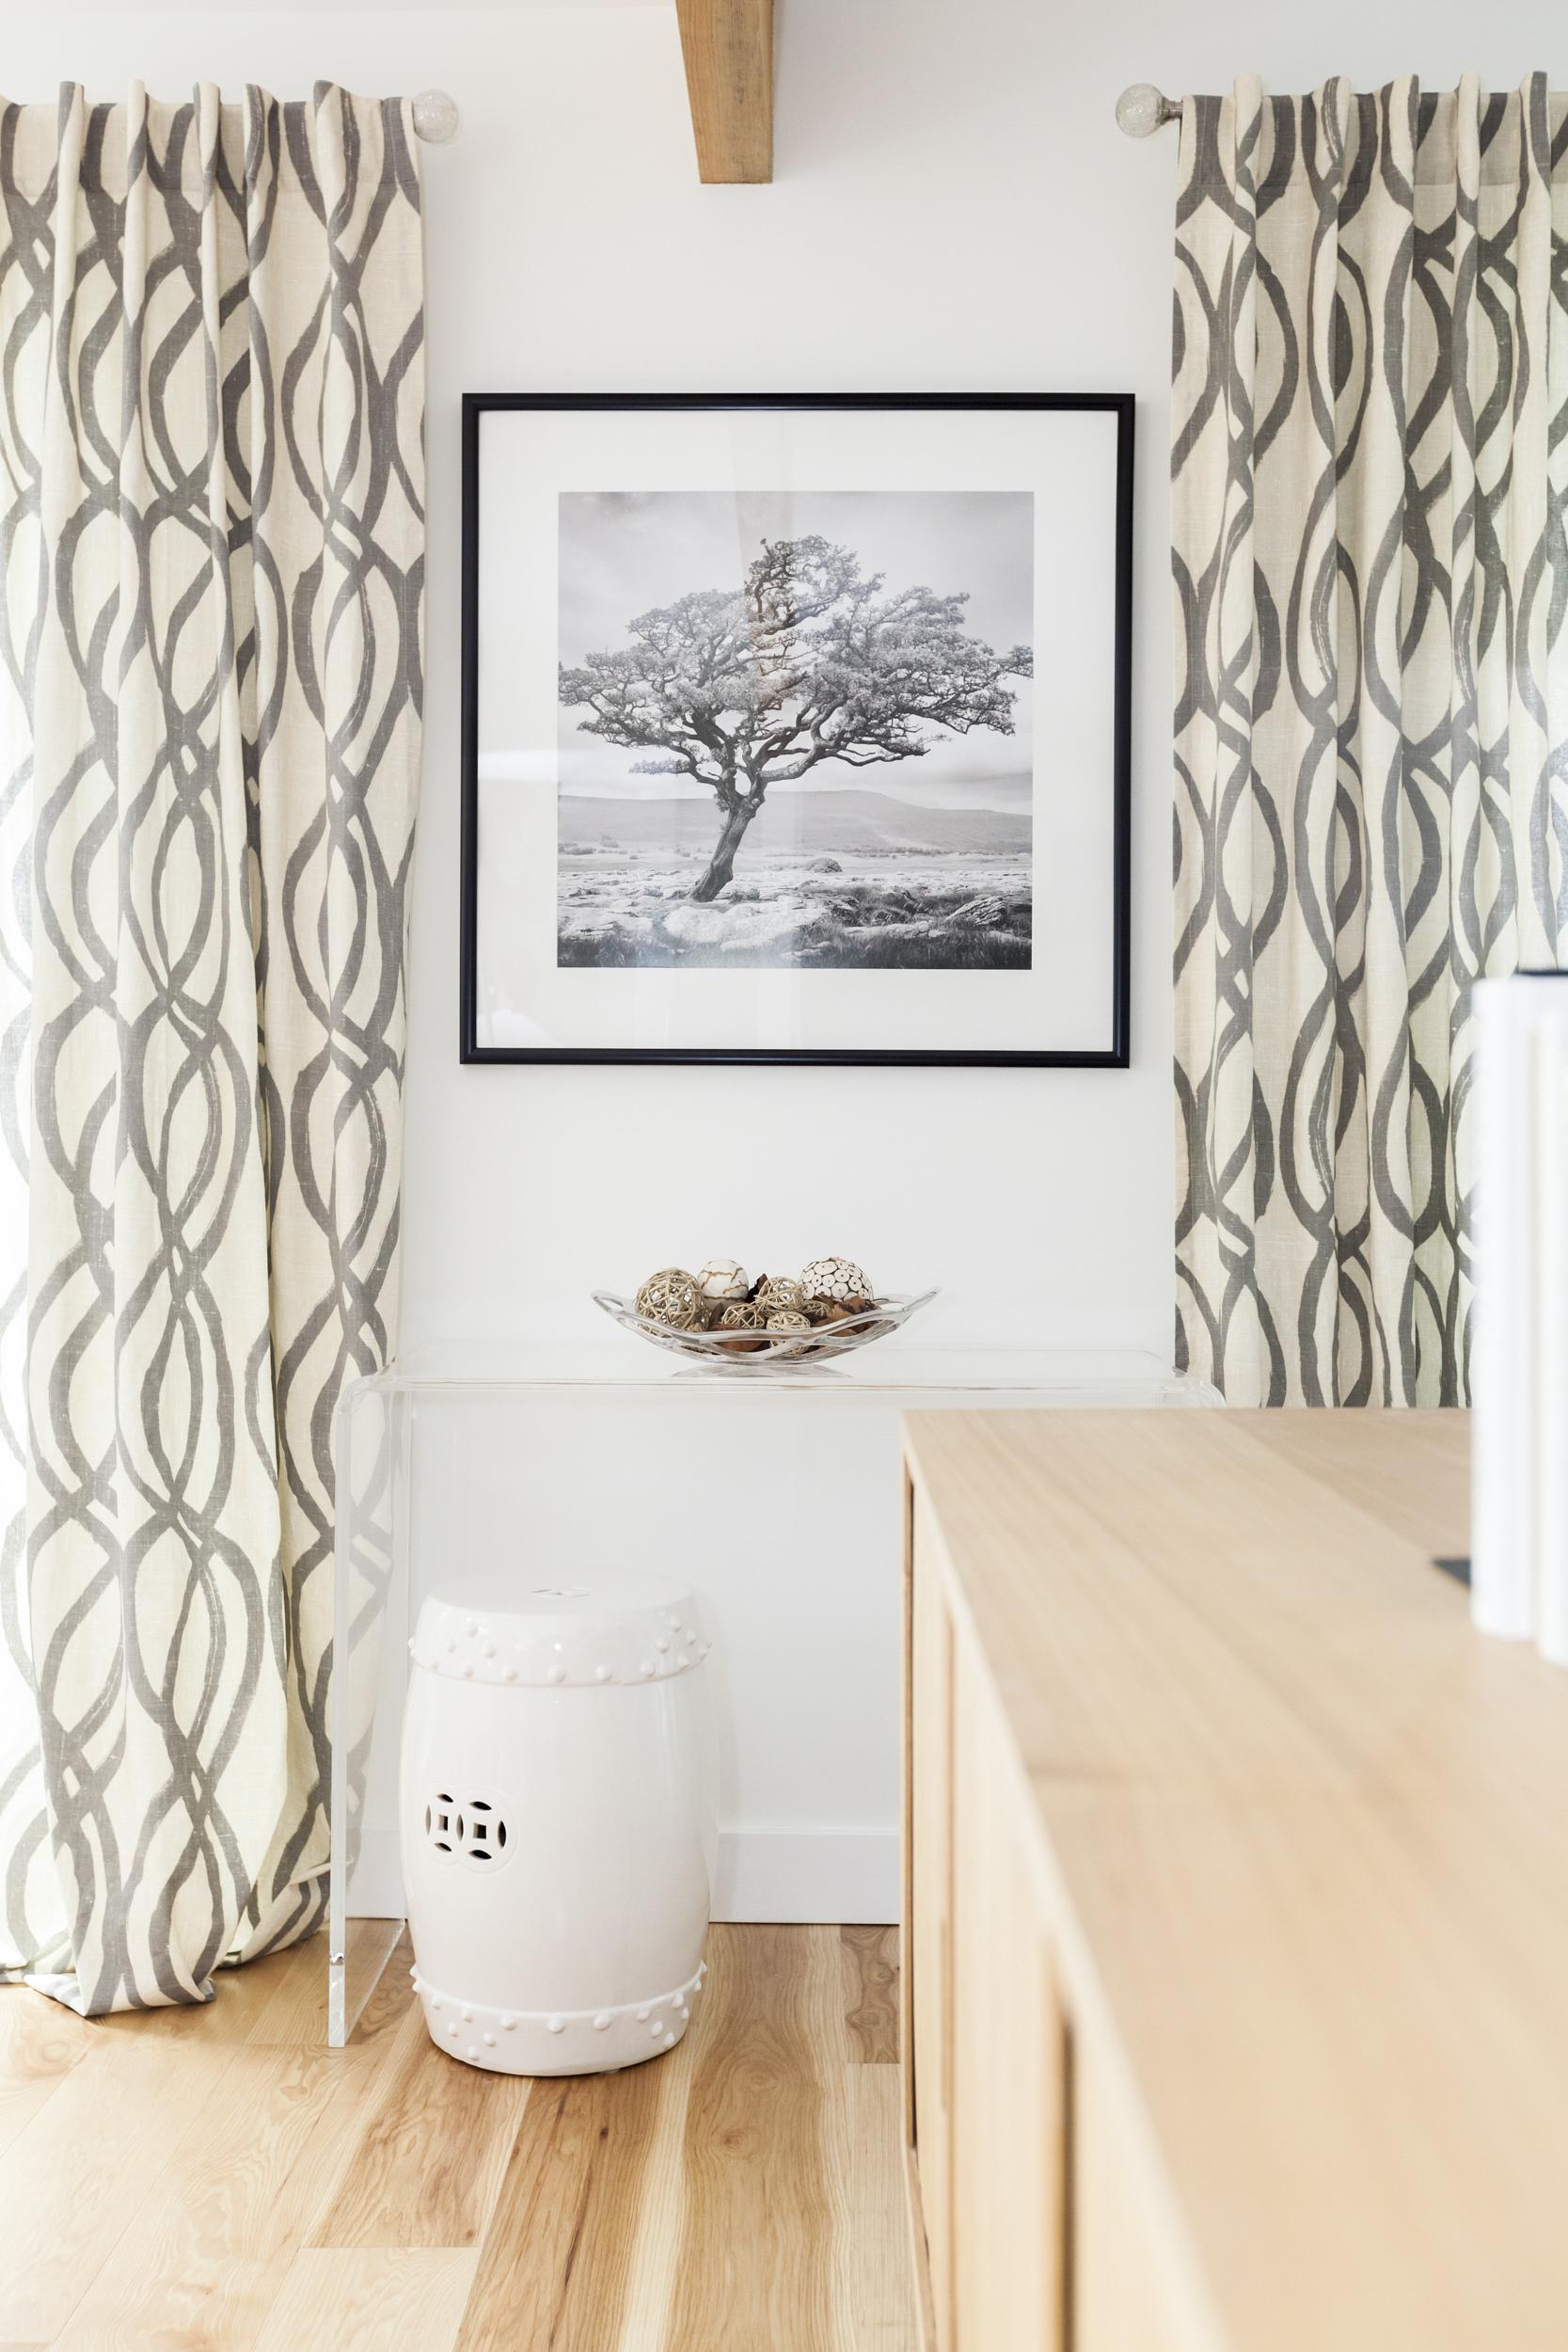 designreflektor-editorial-commercial-photopgraphy-vancouver-0208.jpg